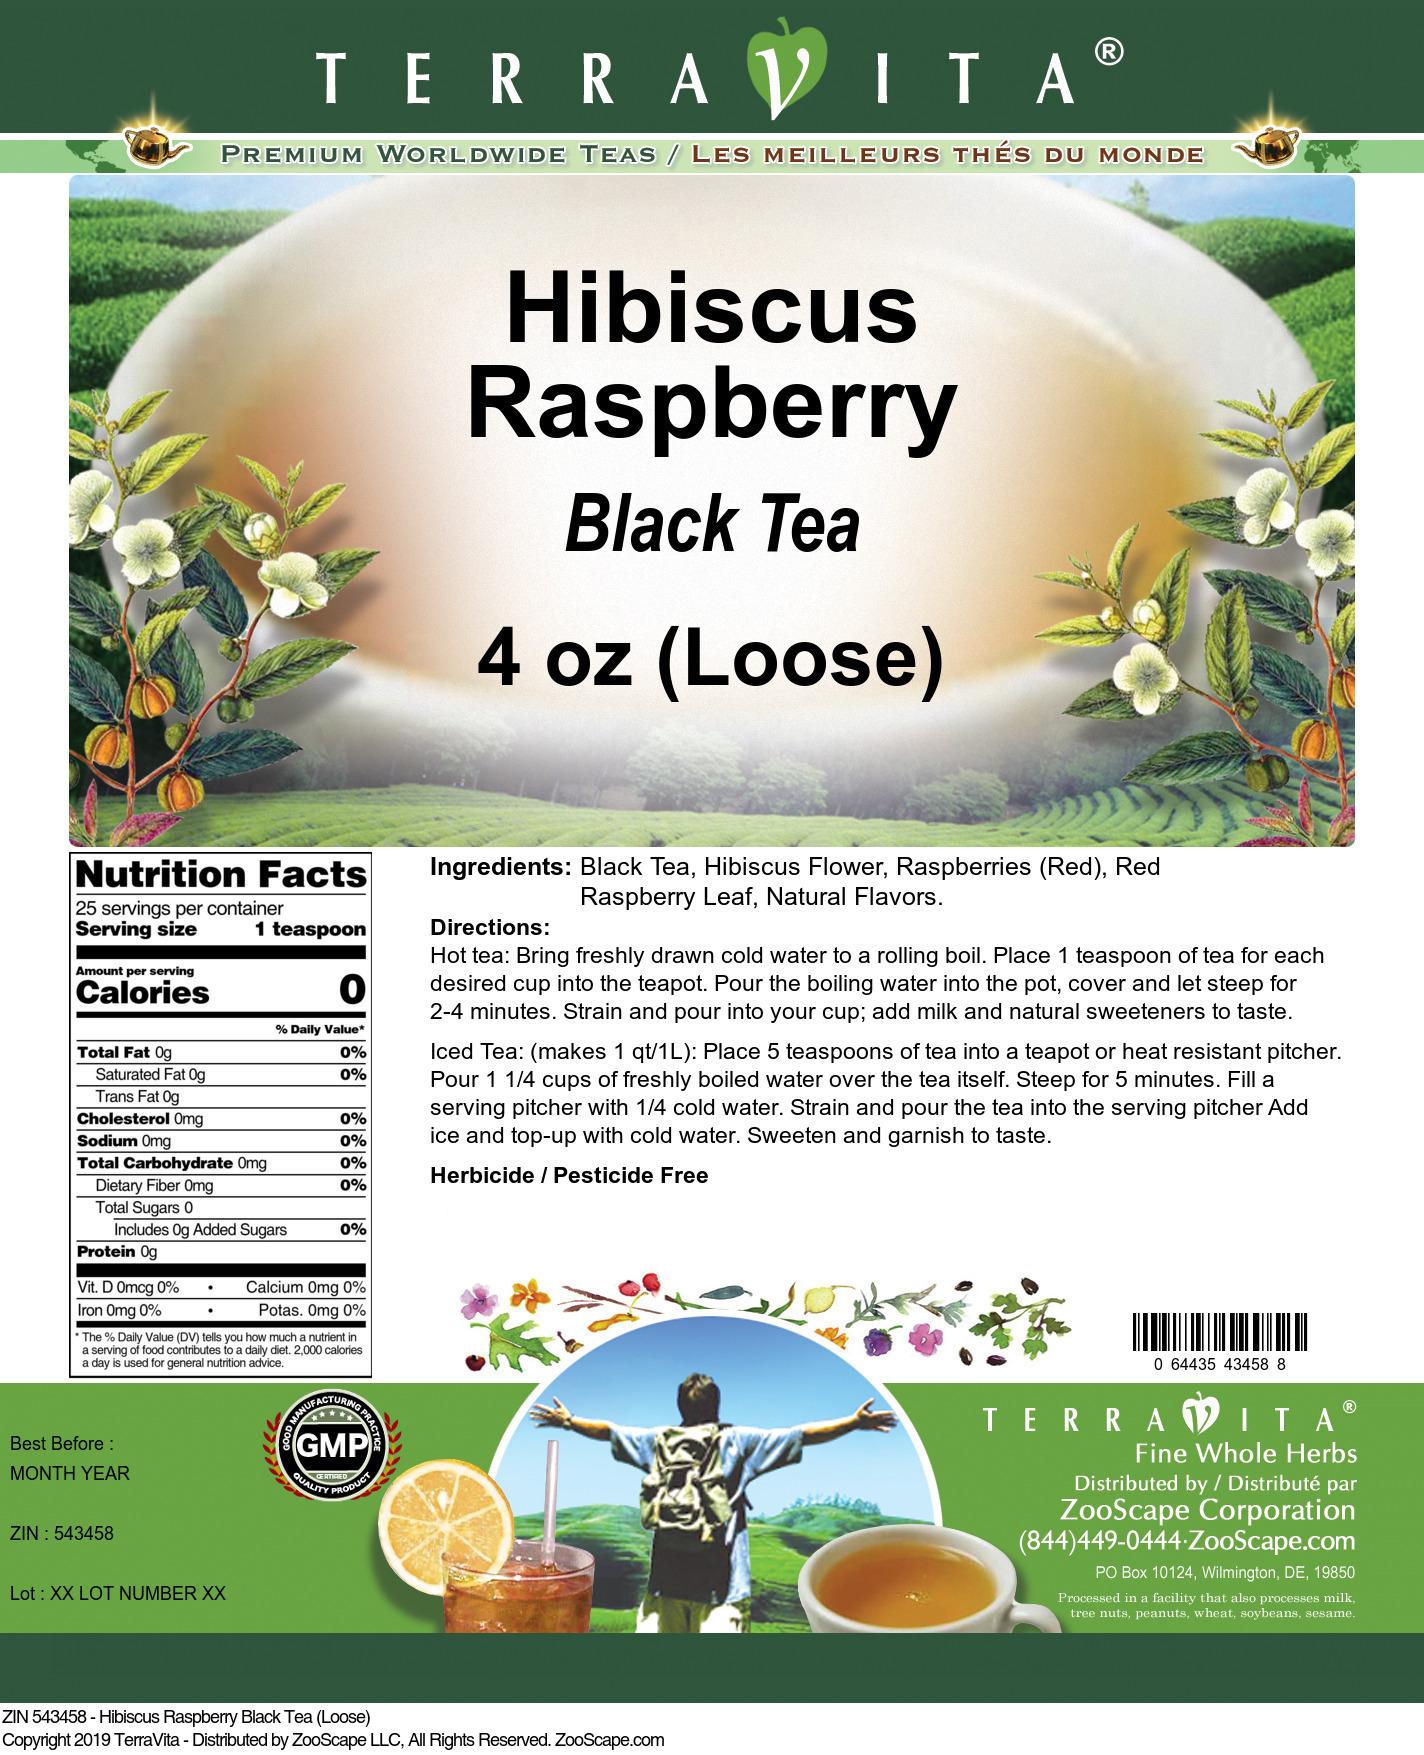 Hibiscus Raspberry Black Tea